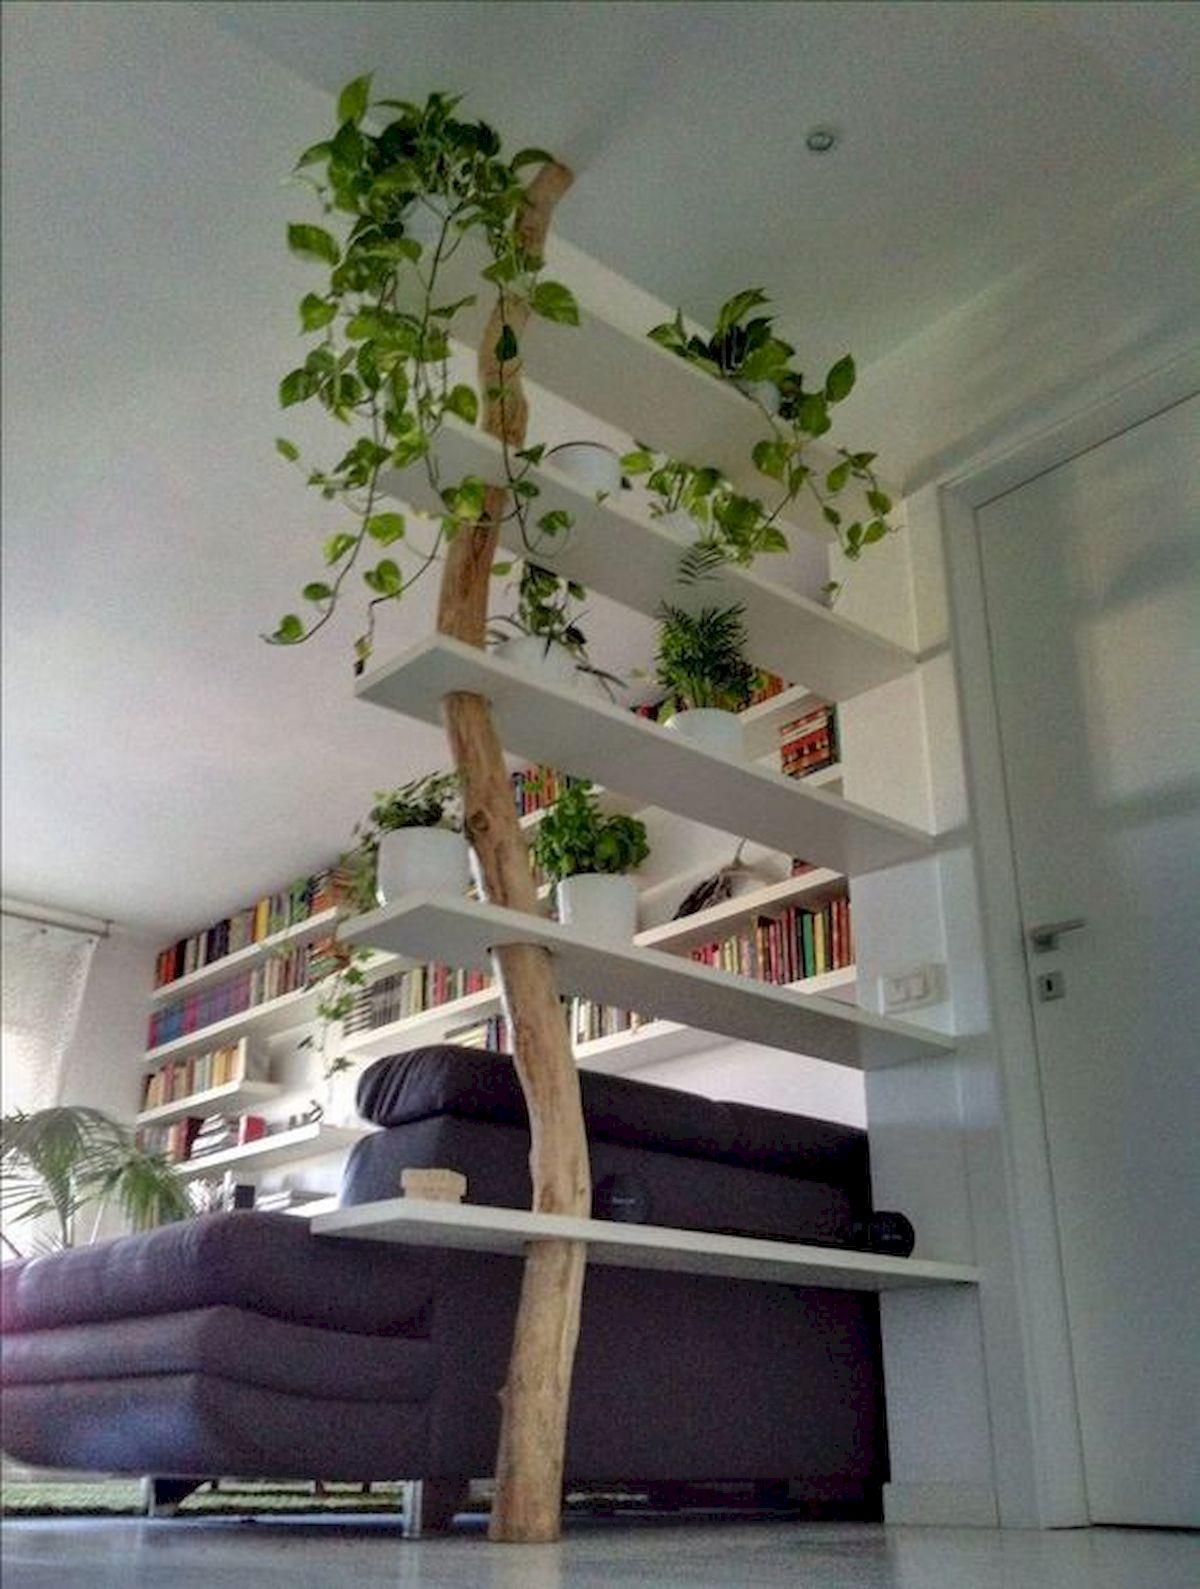 44 Creative DIY Vertical Garden Ideas To Make Your Home Beautiful (44)